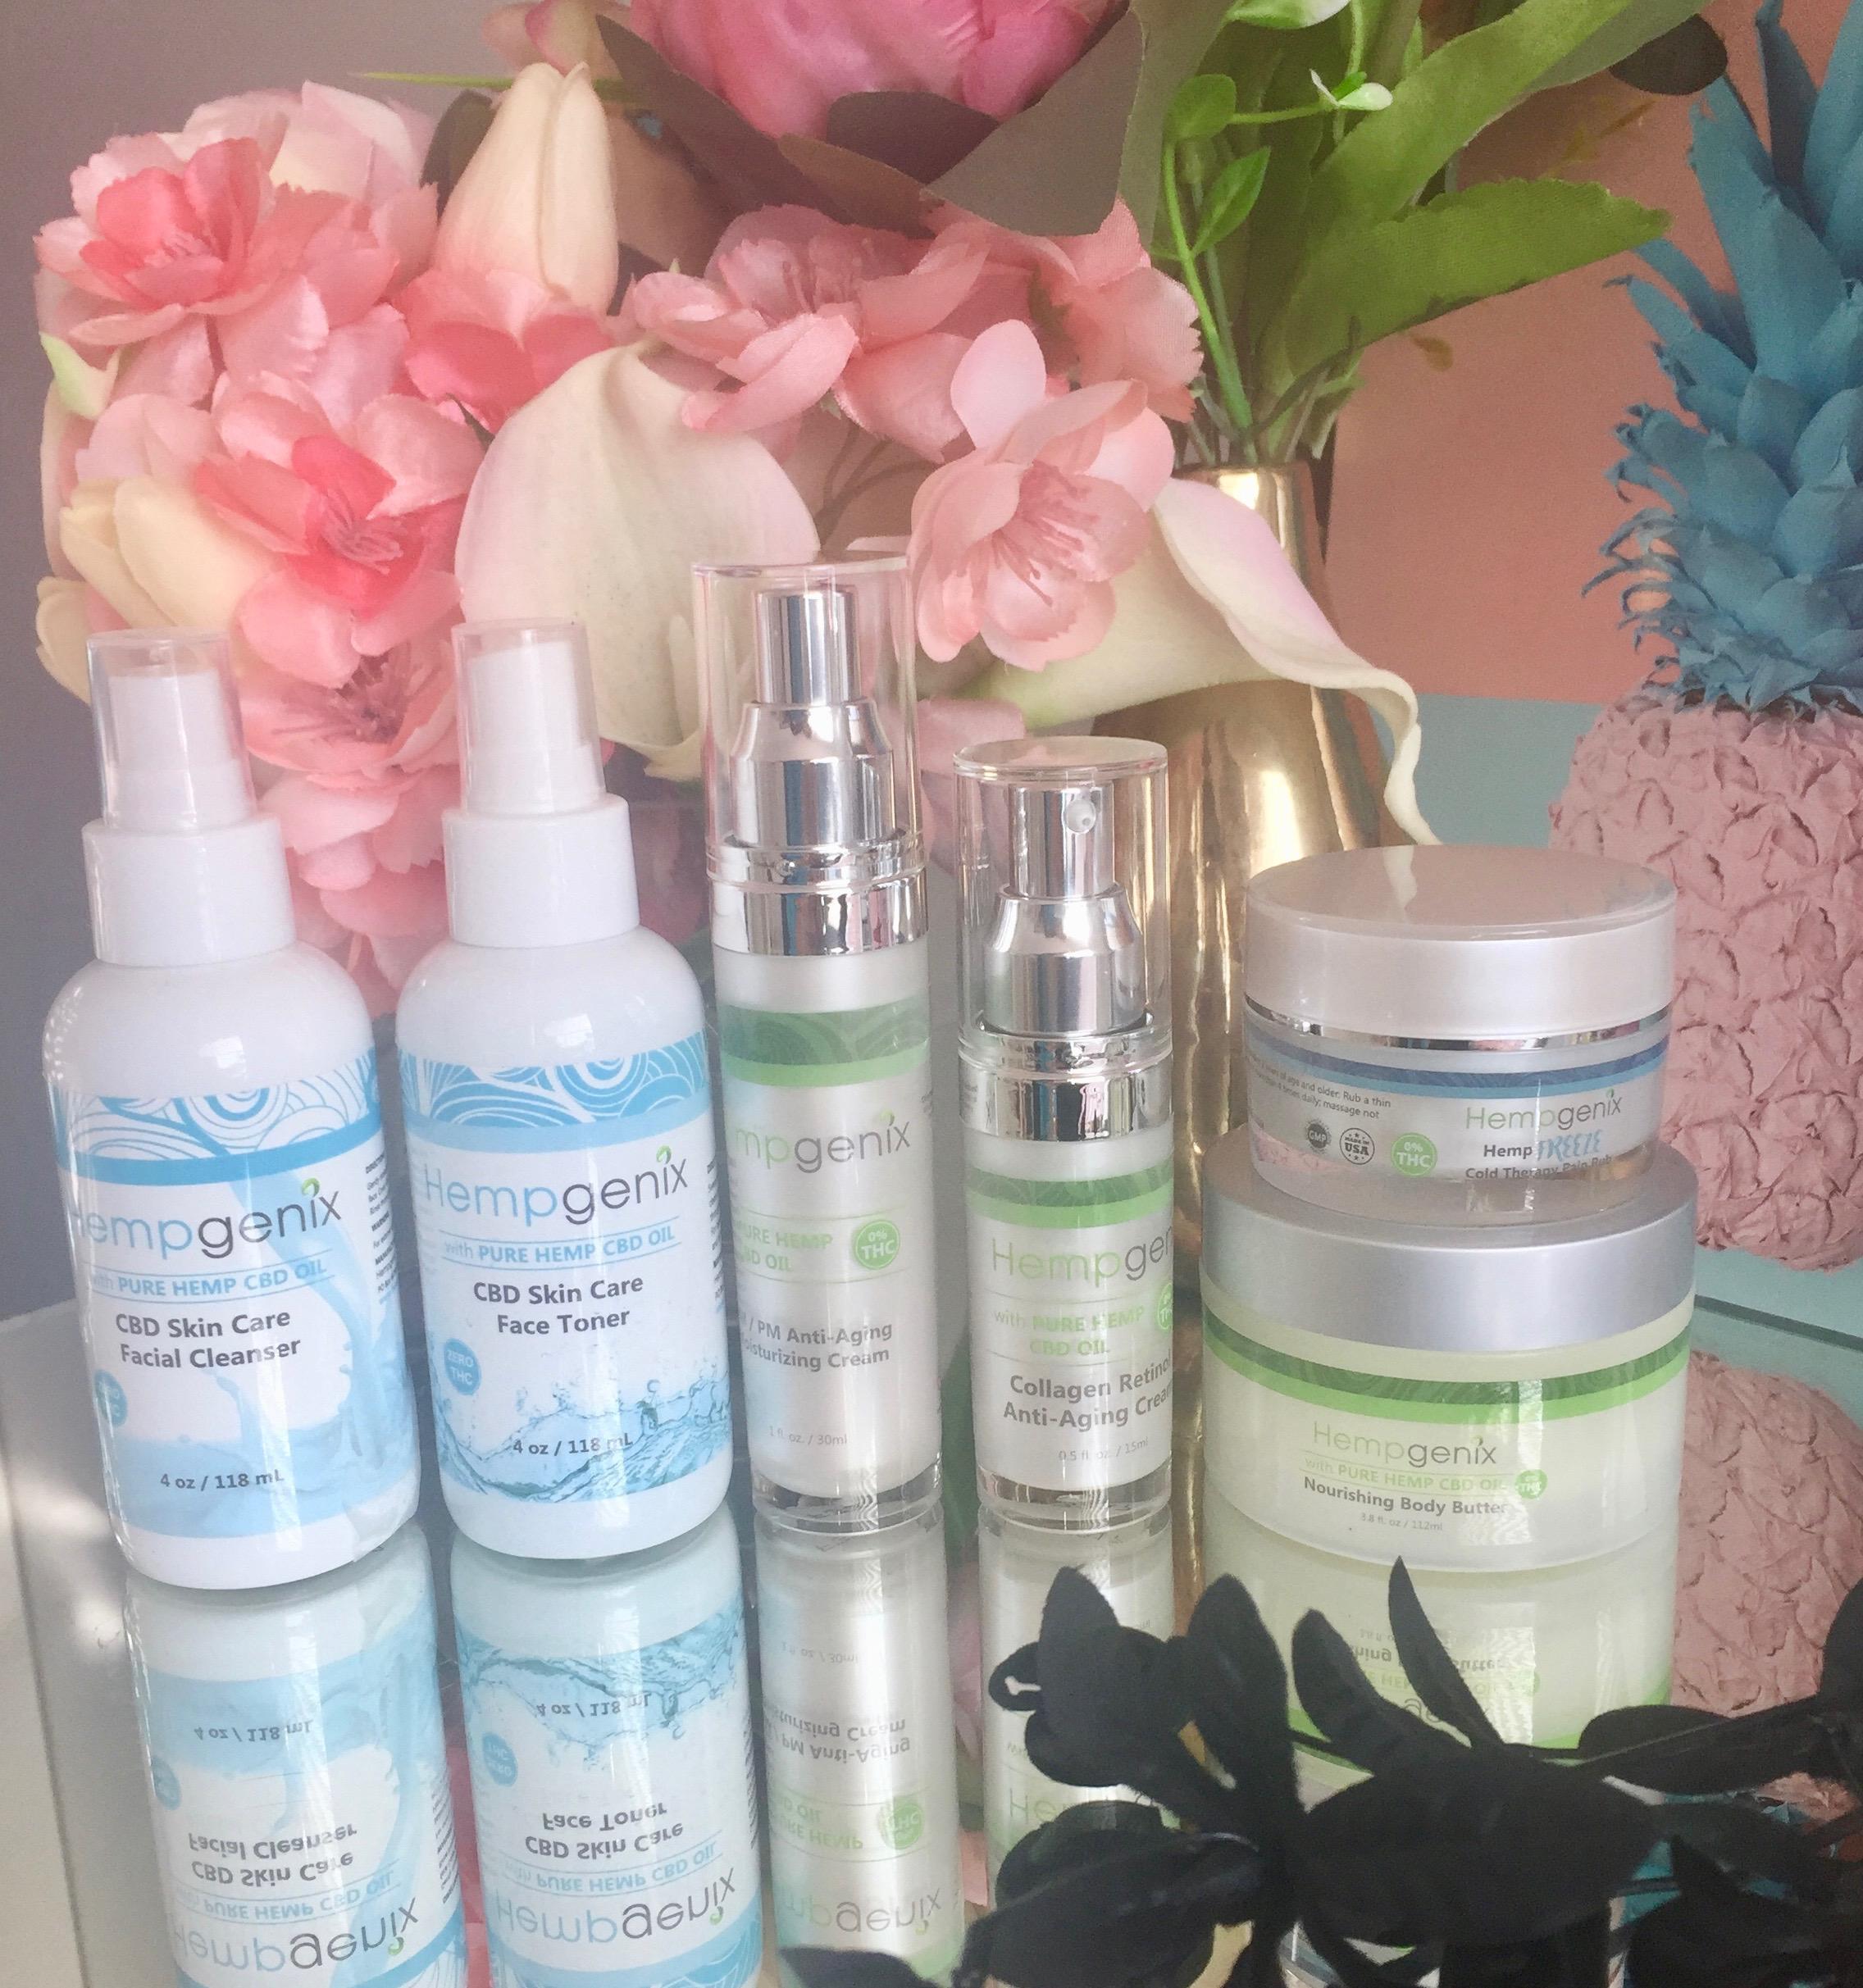 The Amazing Skin & Hair Benefits of Using CBD Oil: Hempgenix